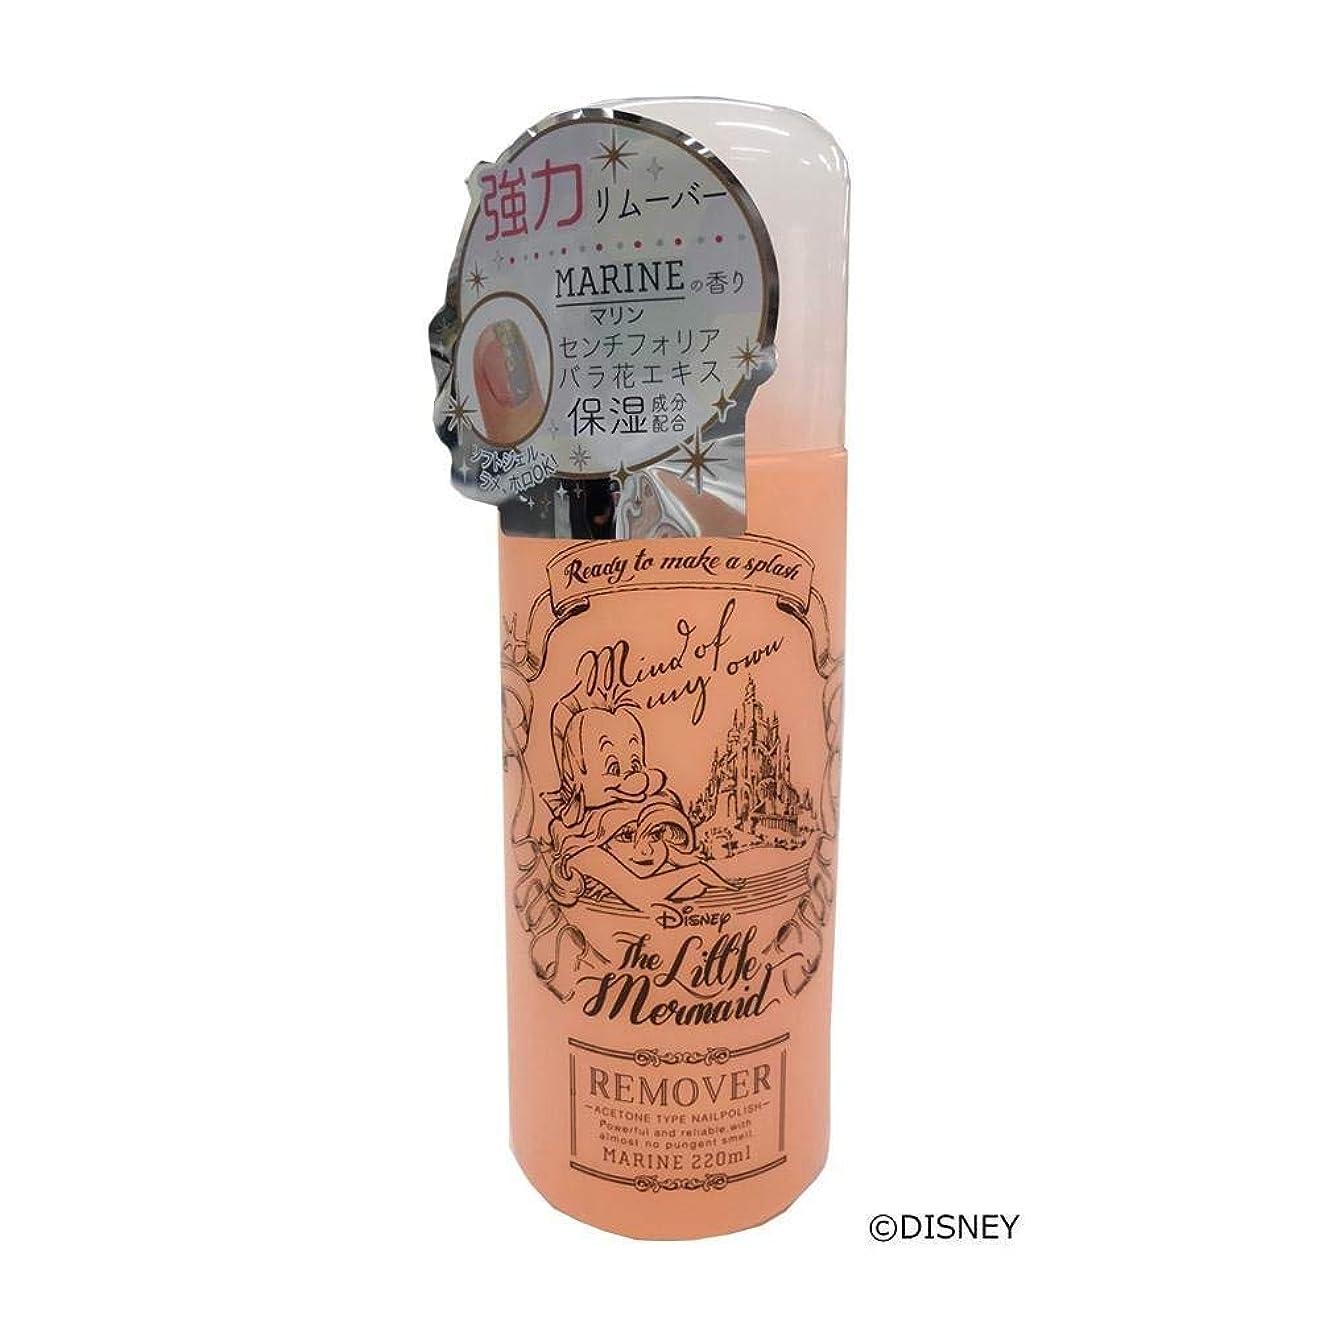 履歴書予防接種警報ドリームドロップコレクション プリンセスコレクション ネイルリムーバー アリエル -マリンの香り- DN04968